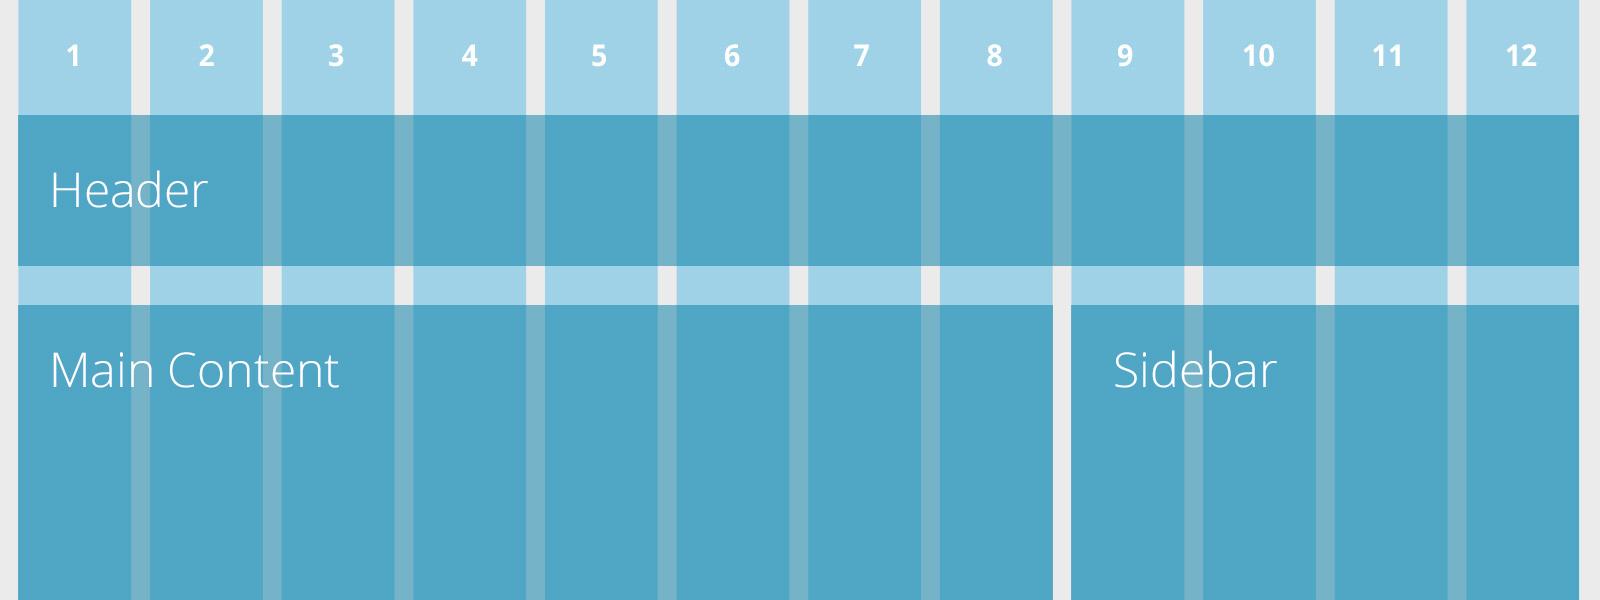 Exemplo de grid com colunas